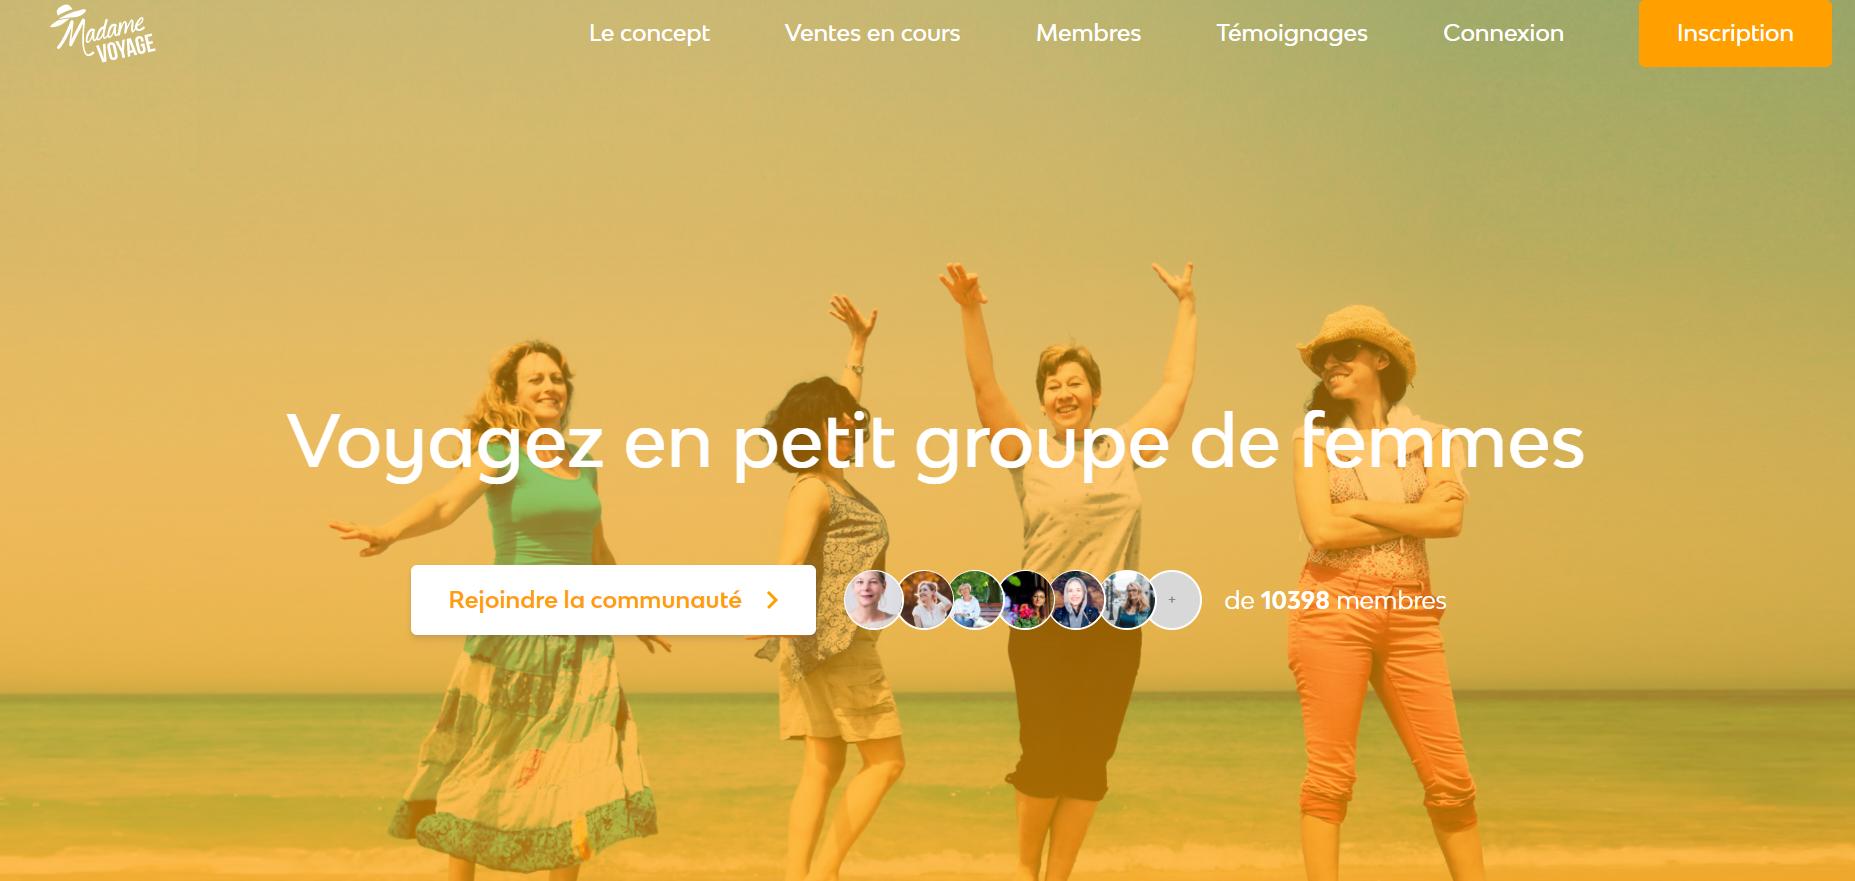 site pour rencontrer des gens pour voyager site de rencontre couple gratuit non payant